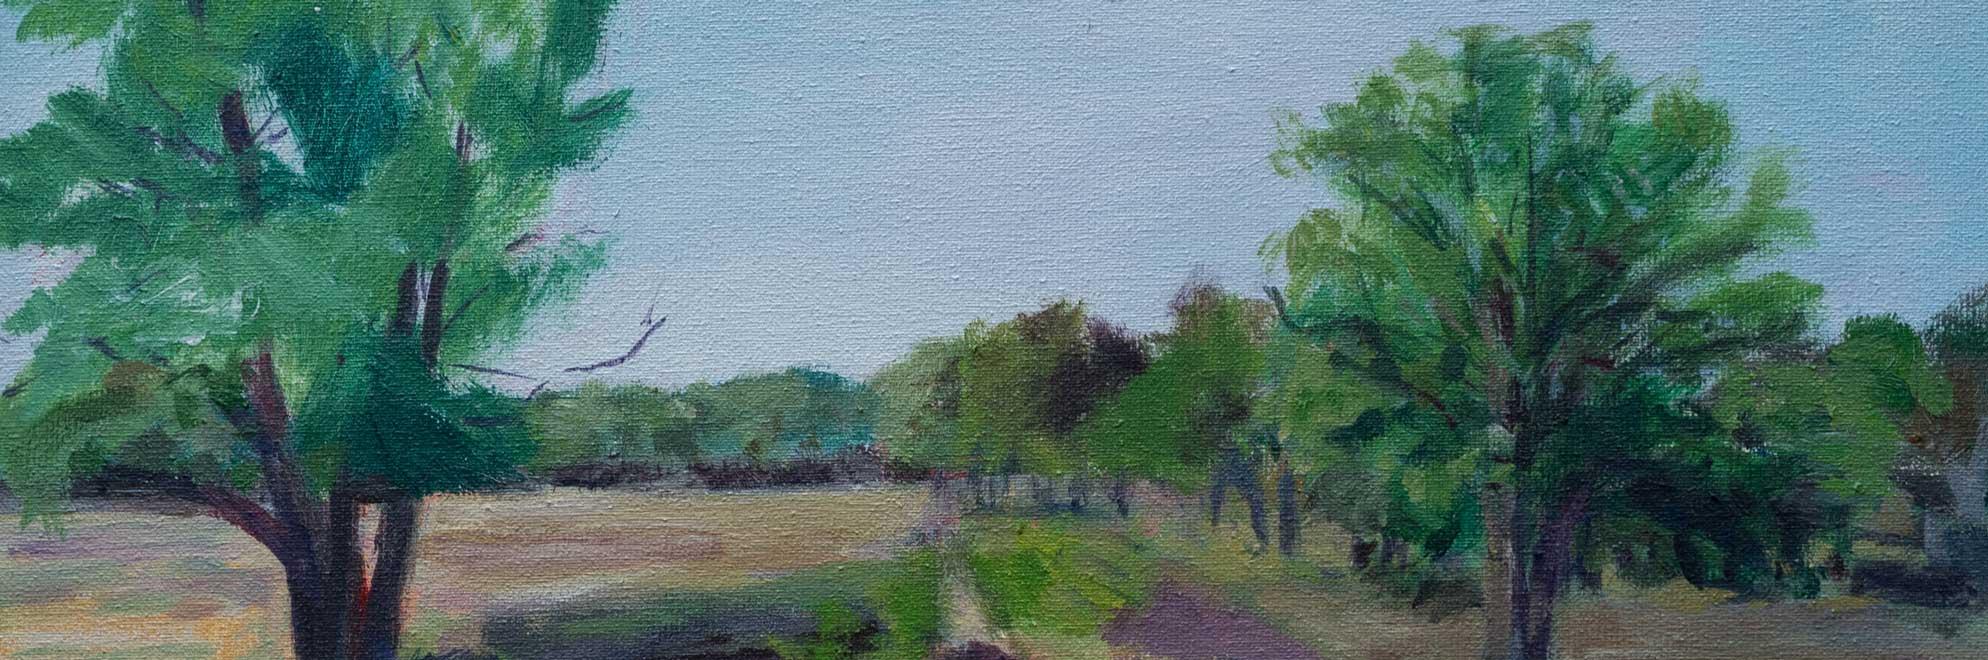 Schilderij door Marianne Mandeville Bussumse heide met bomen